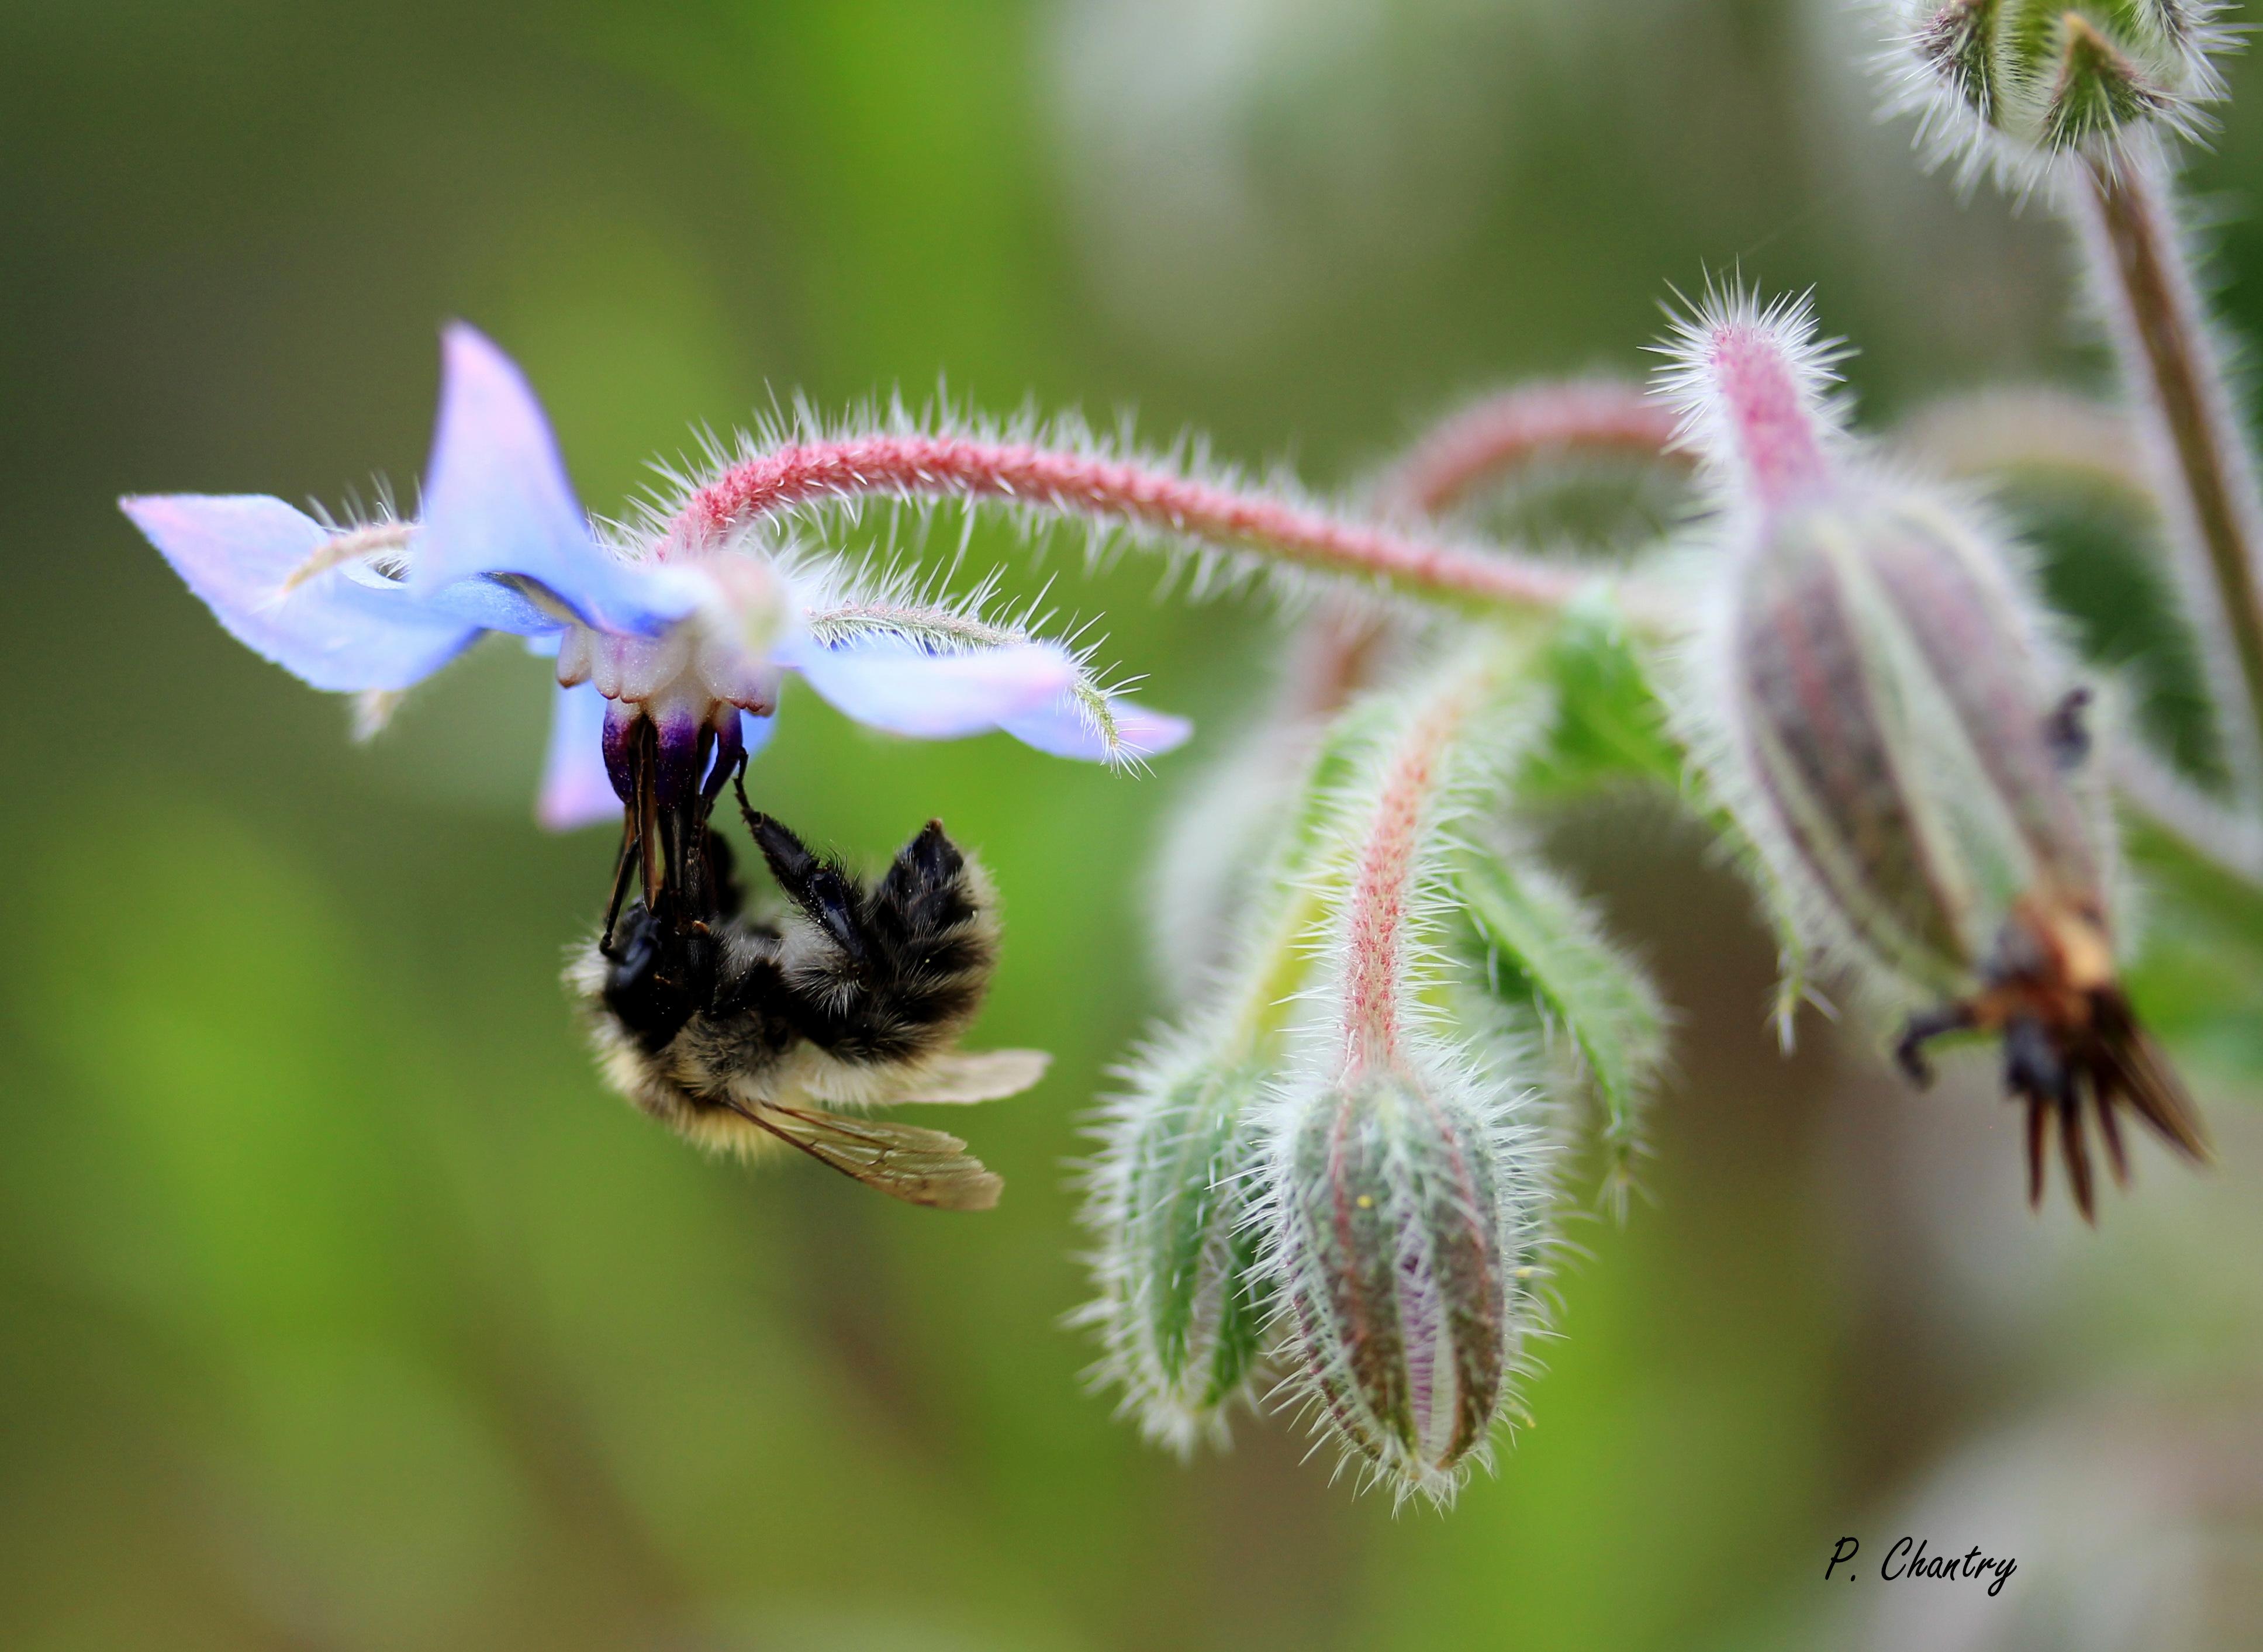 Bordon sur fleur de bourrache ( Un jardin d' Obigies - B. - 15/8/2018 )